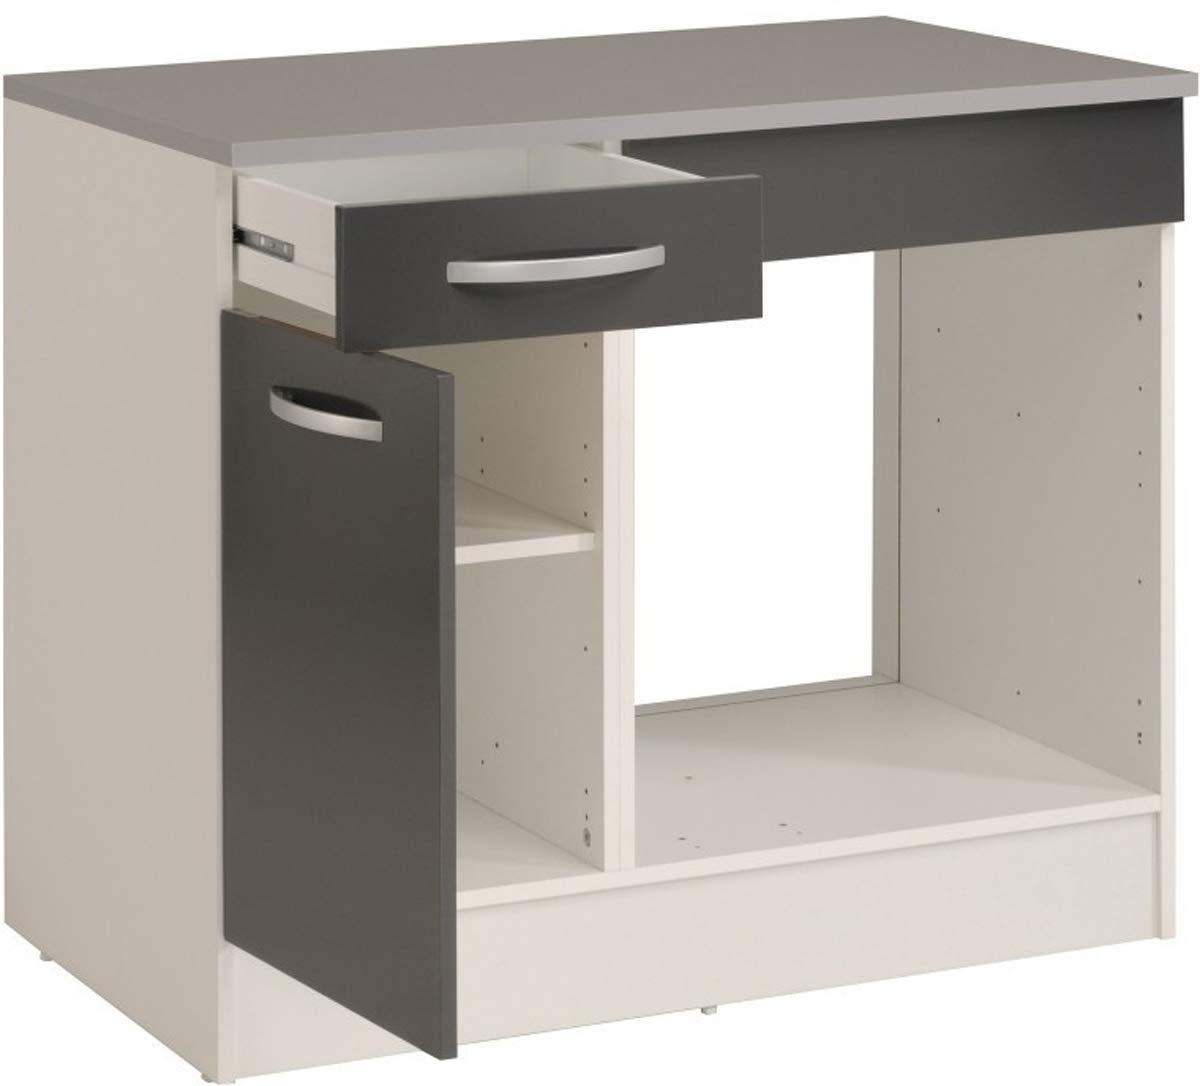 PEGANE - Mueble bajo de Cocina para Horno, Color Gris y Blanco ...